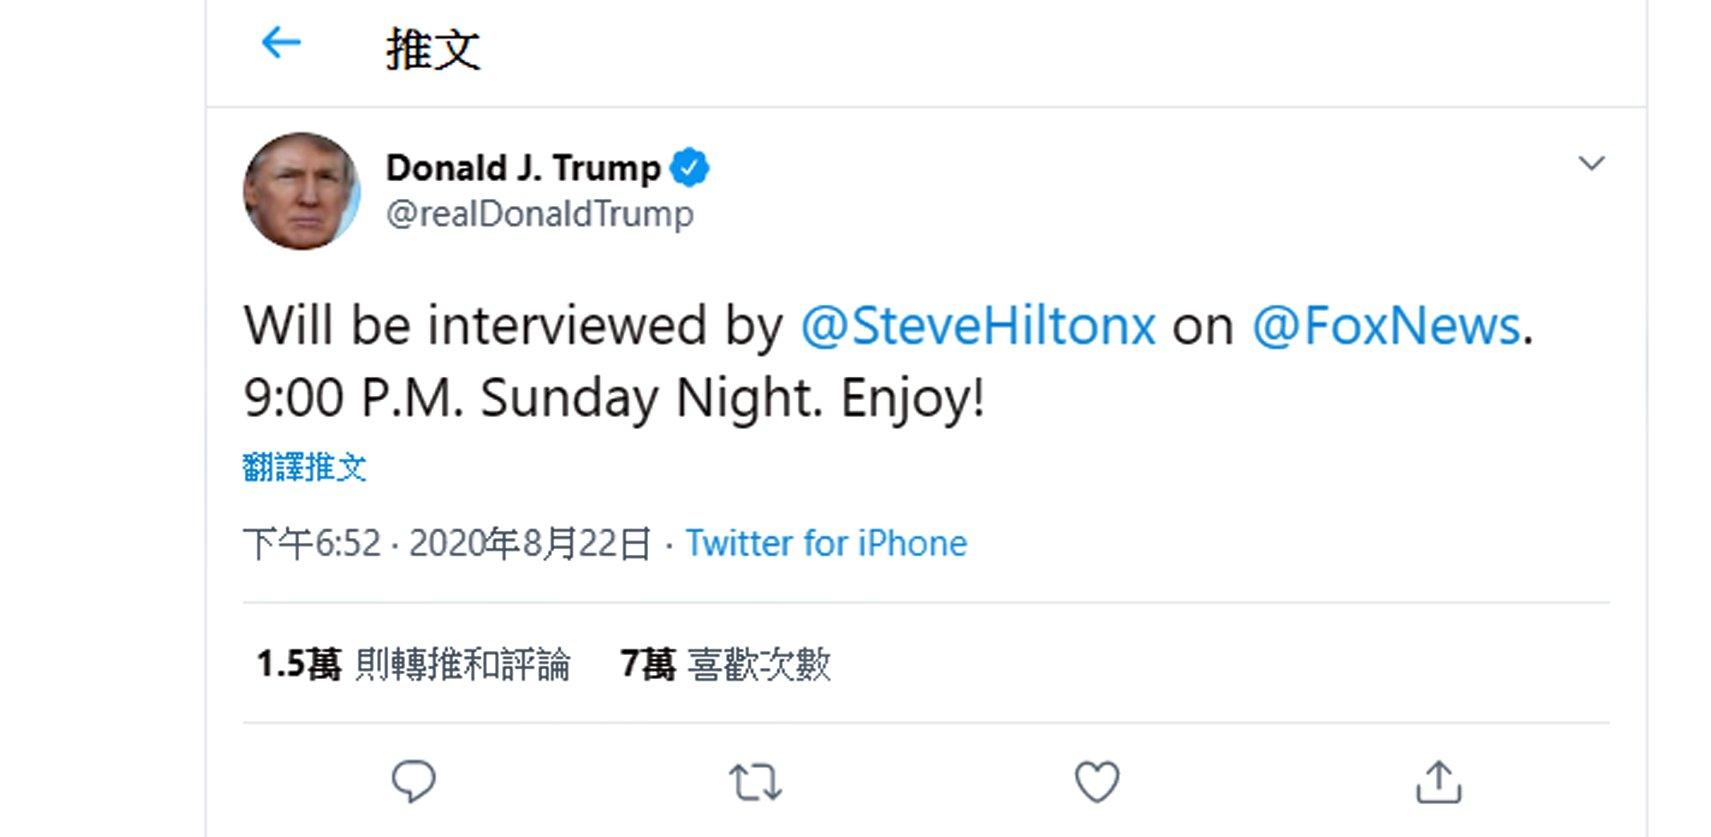 特朗普總統在自己推特上發佈受訪播出預告。(網絡截圖)